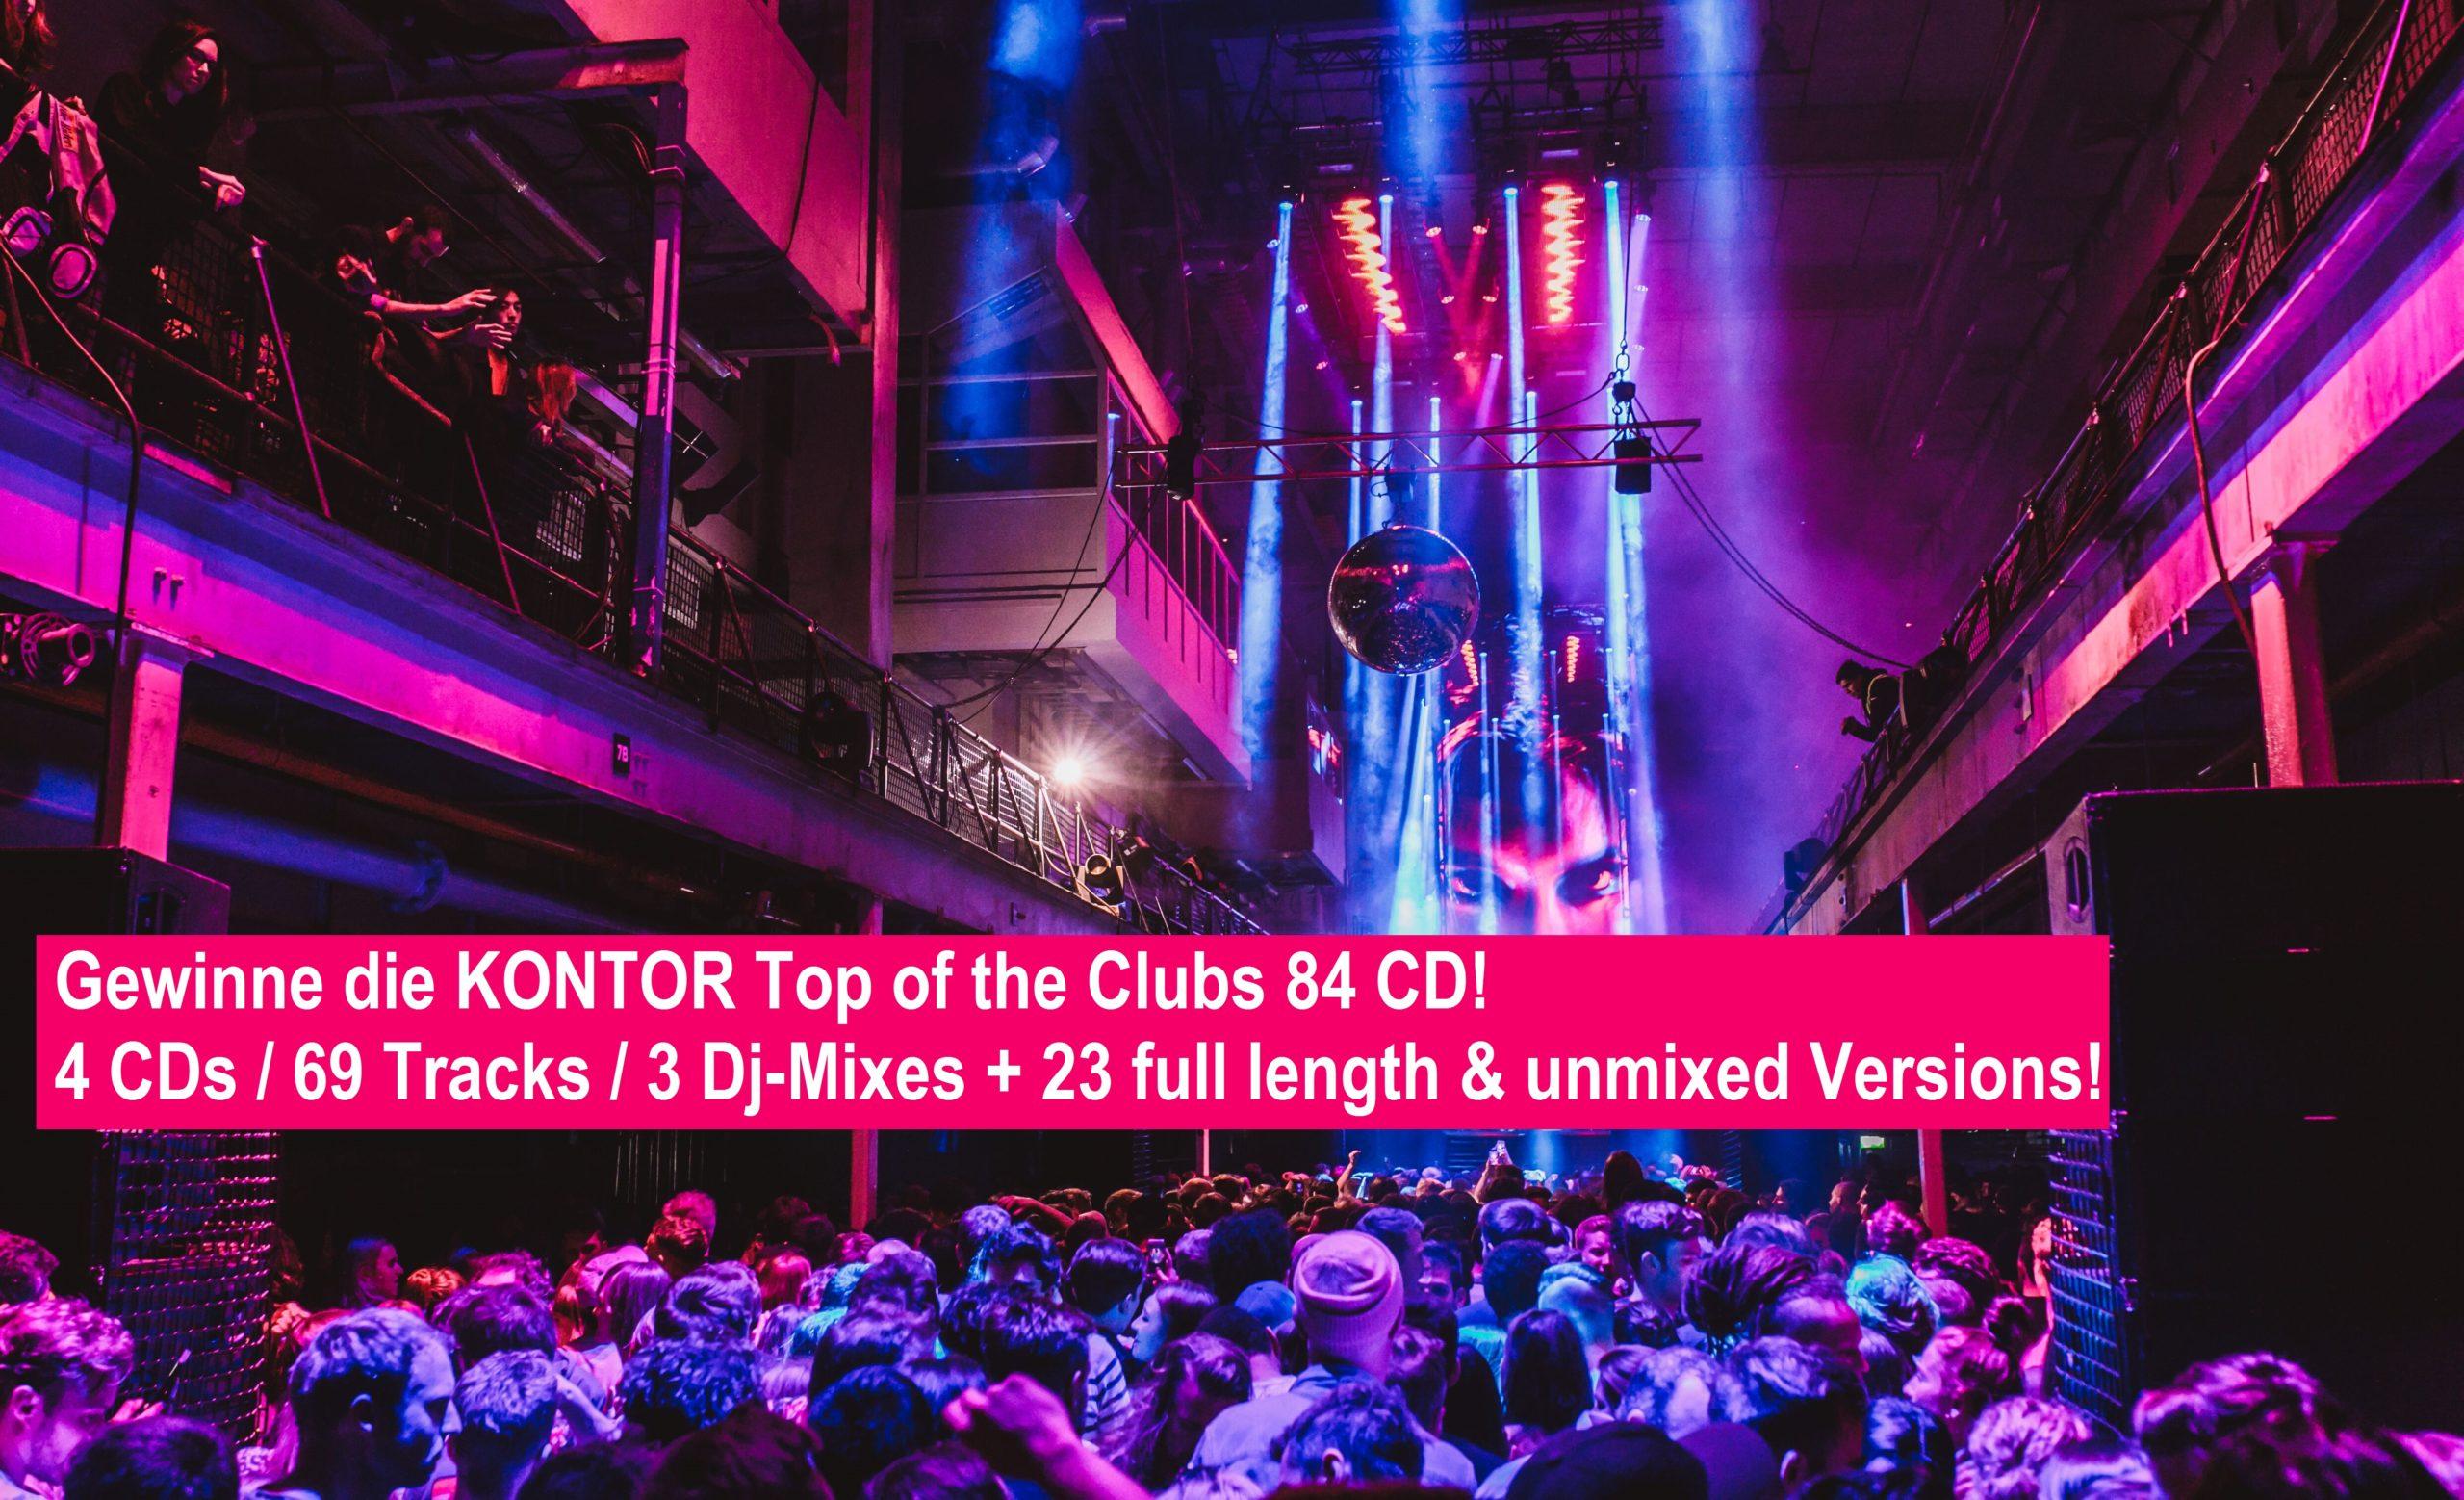 Gewinne die KONTOR Top Of The Clubs 84 CD!